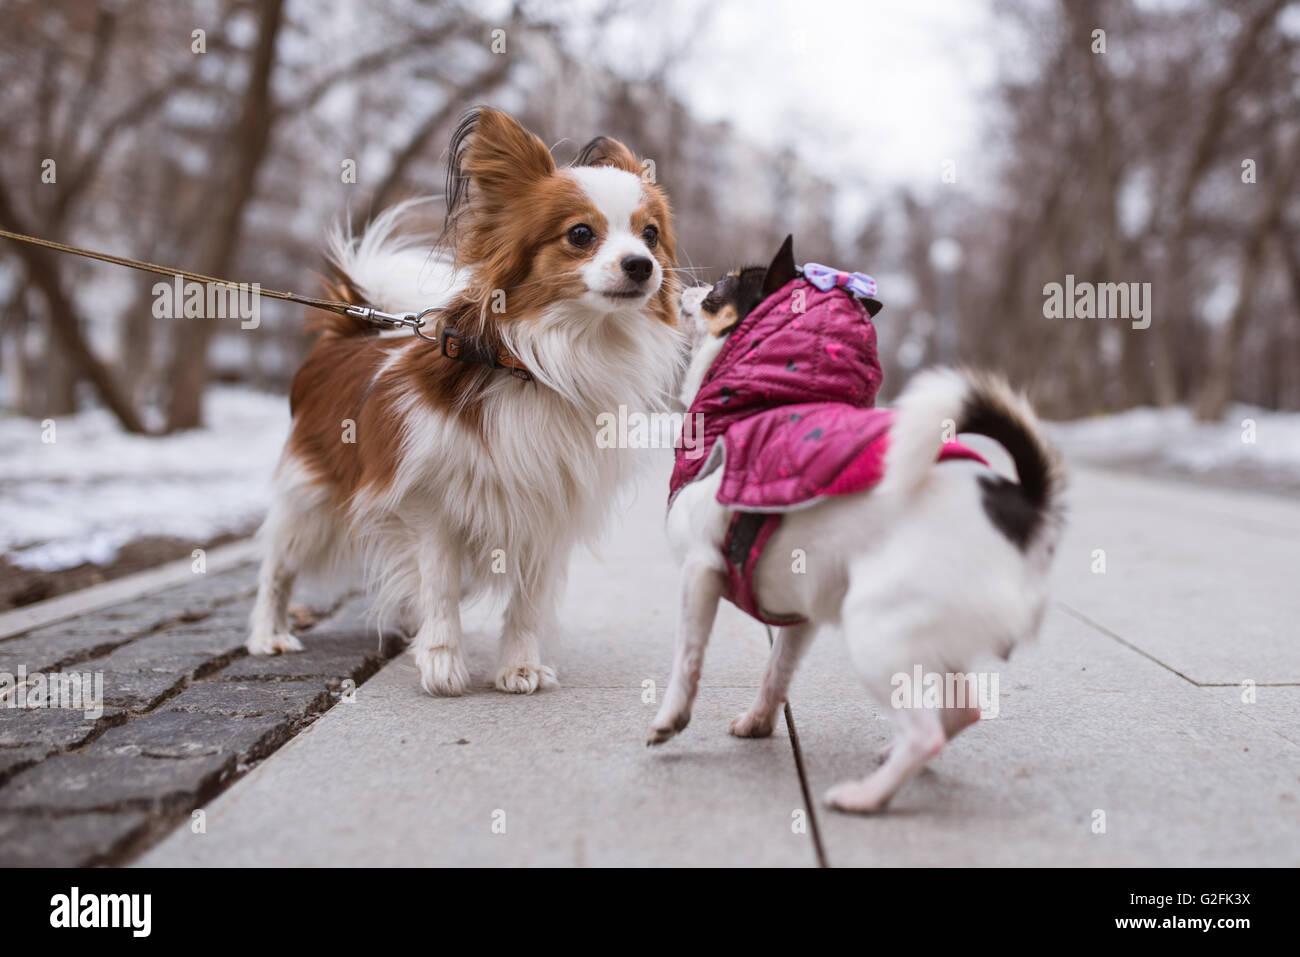 Deux Chiens Droles Renifle Les Uns Les Autres Photo Stock Alamy